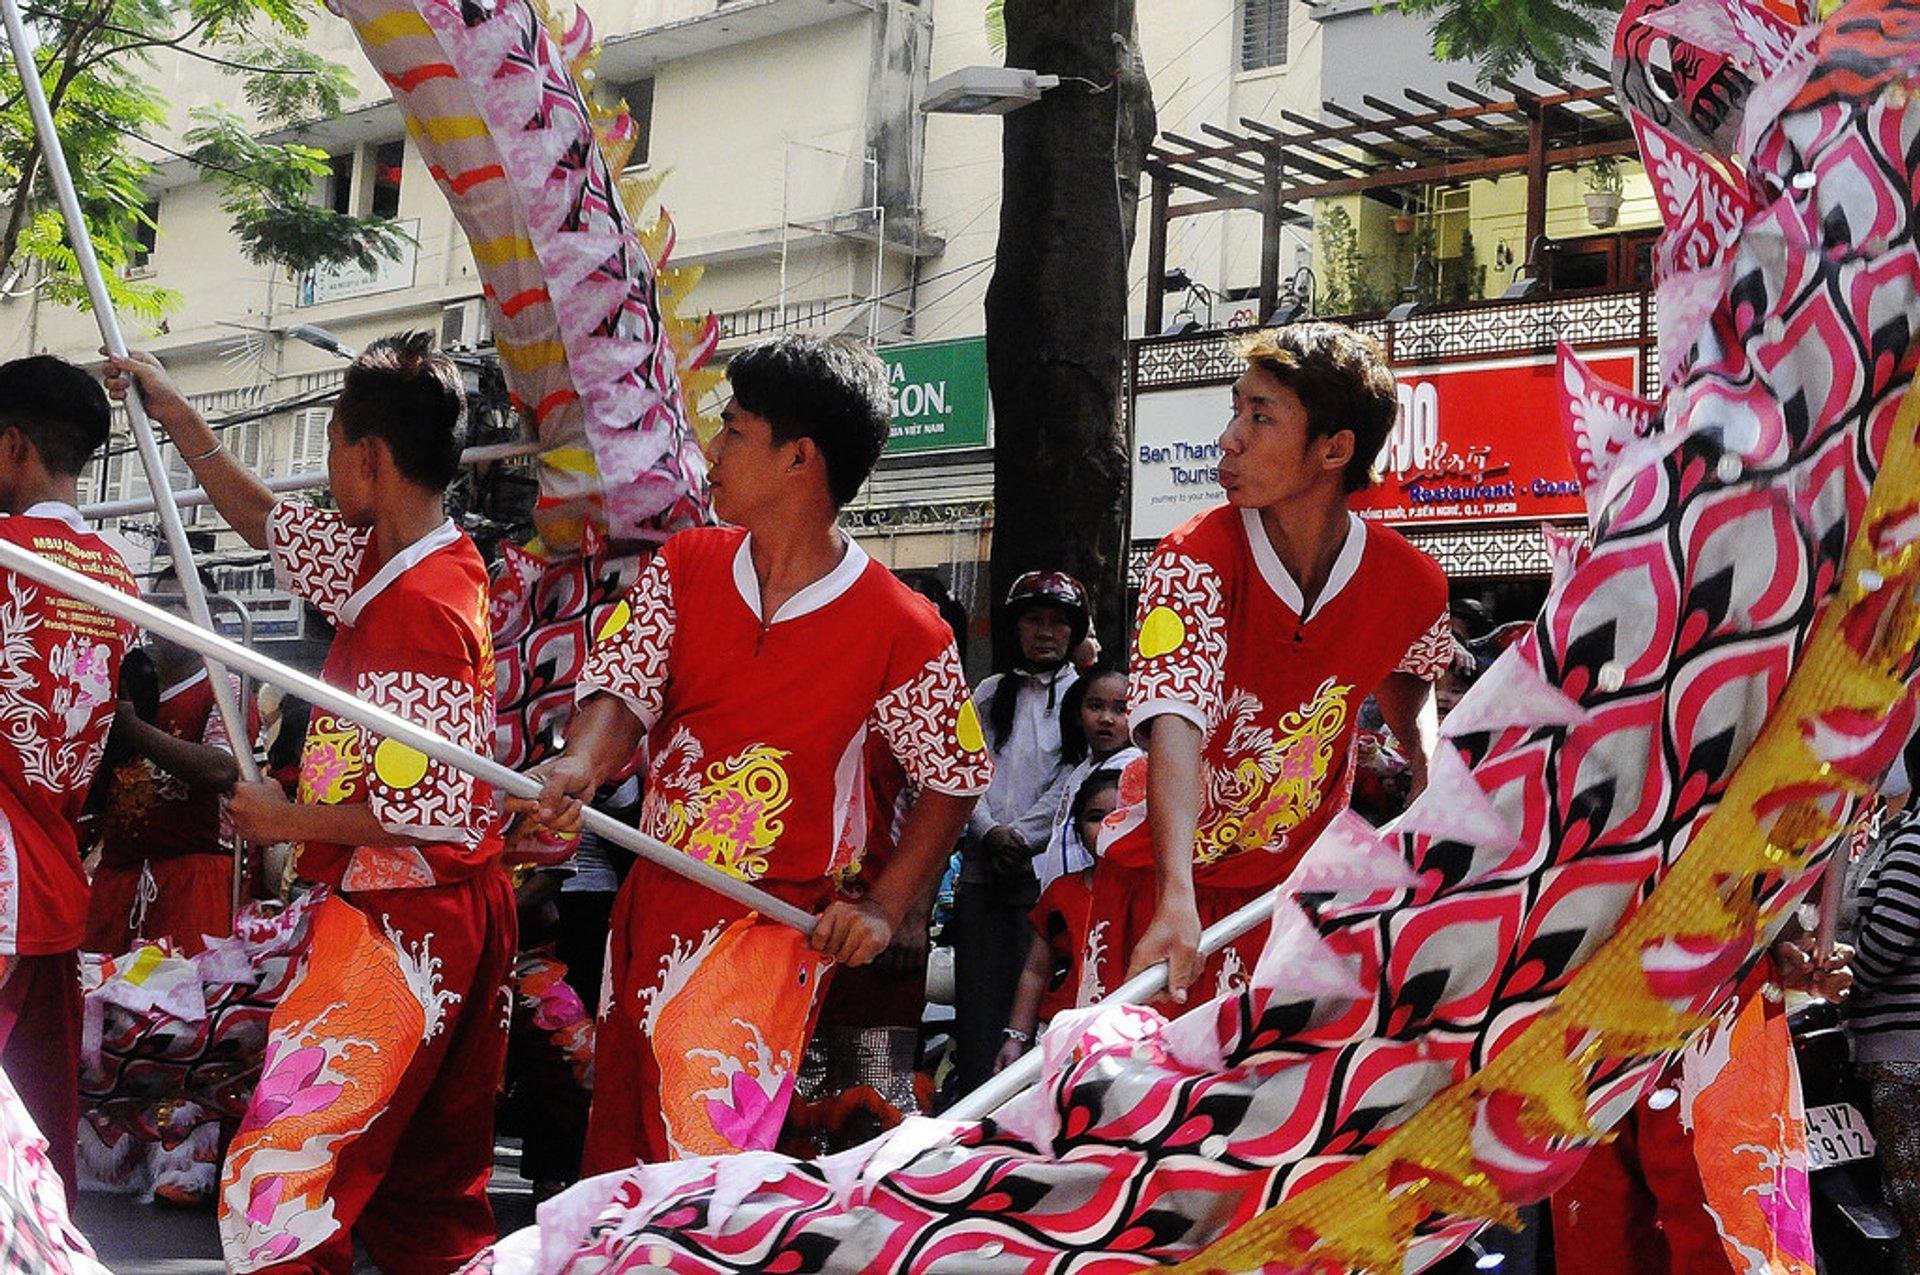 Tet or Lunar New Year 2021 in Vietnam - Dates